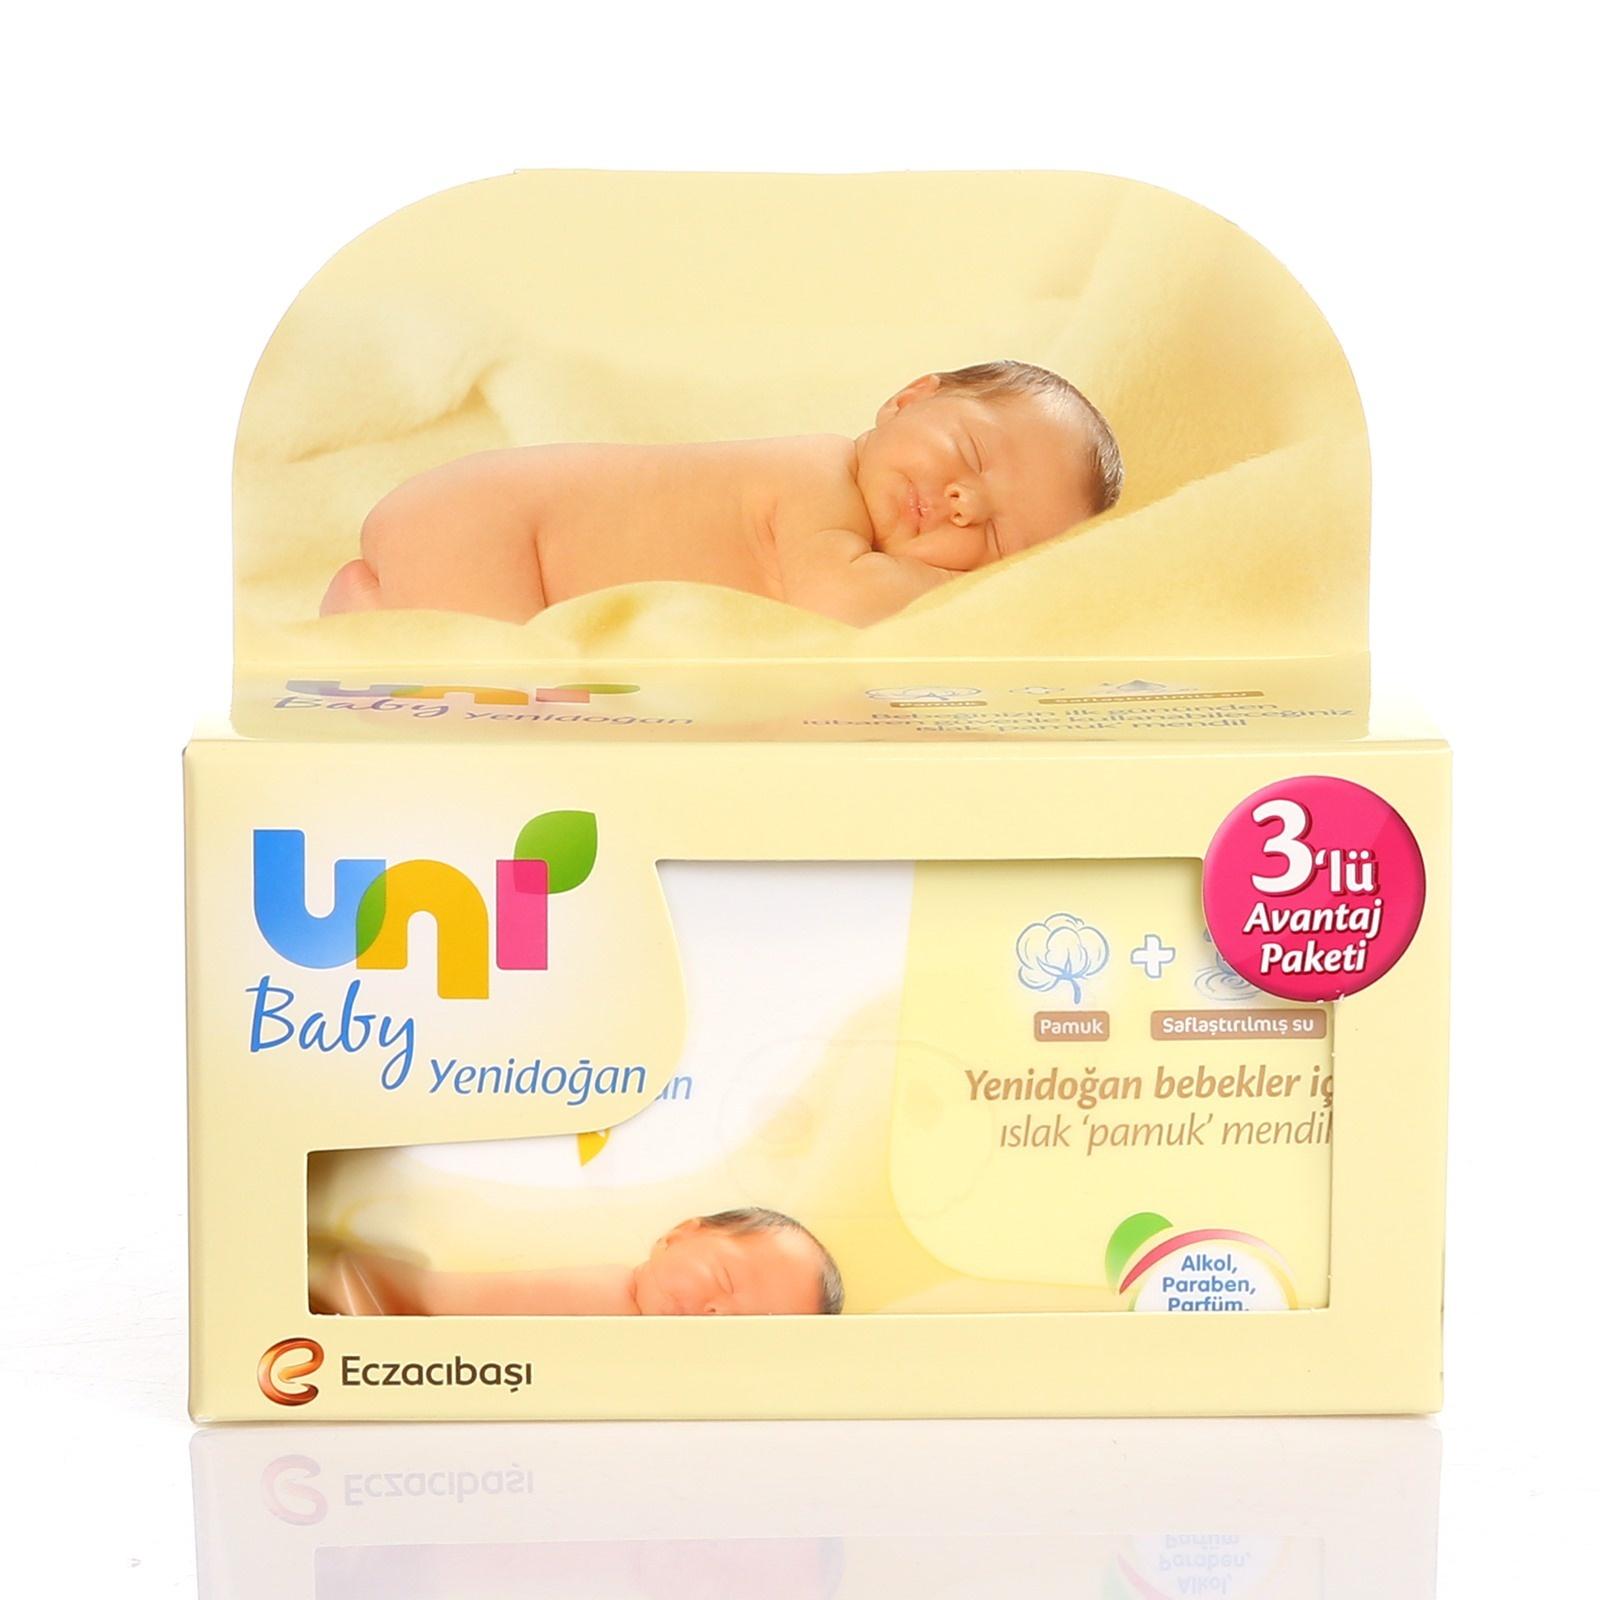 Bebekli evlerde o halıyı kullanmayın